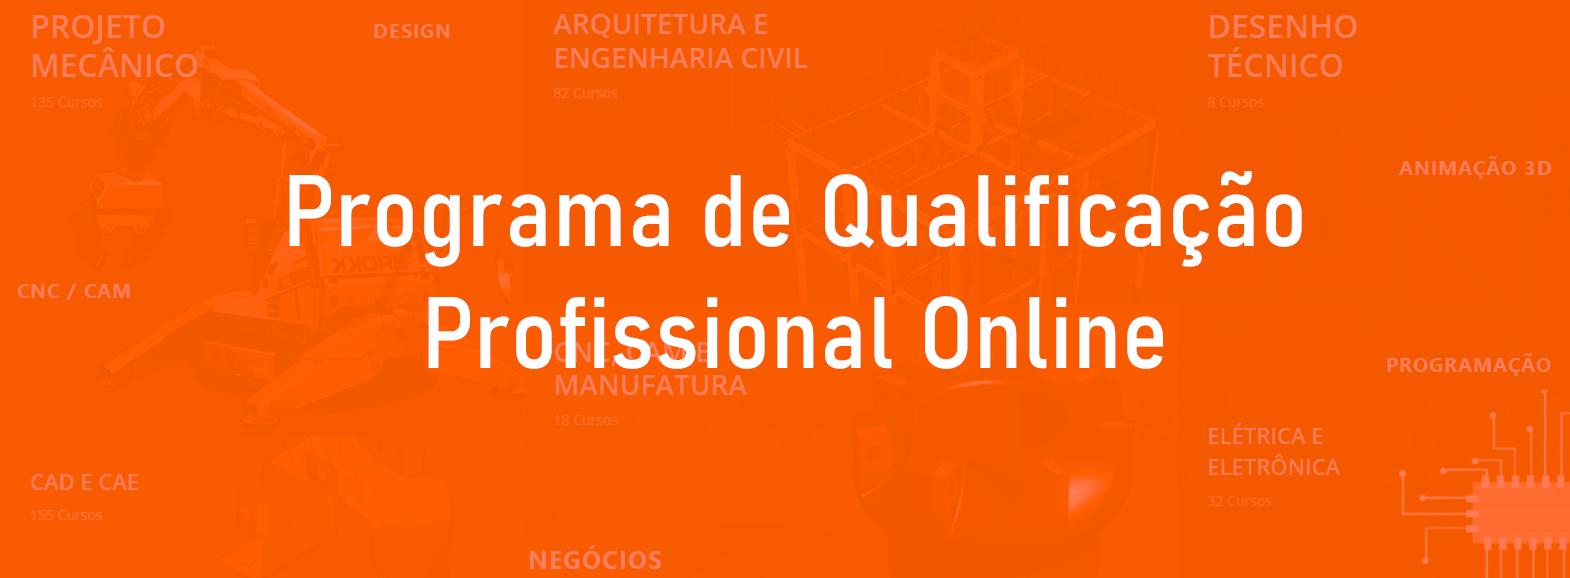 Qualificacao online